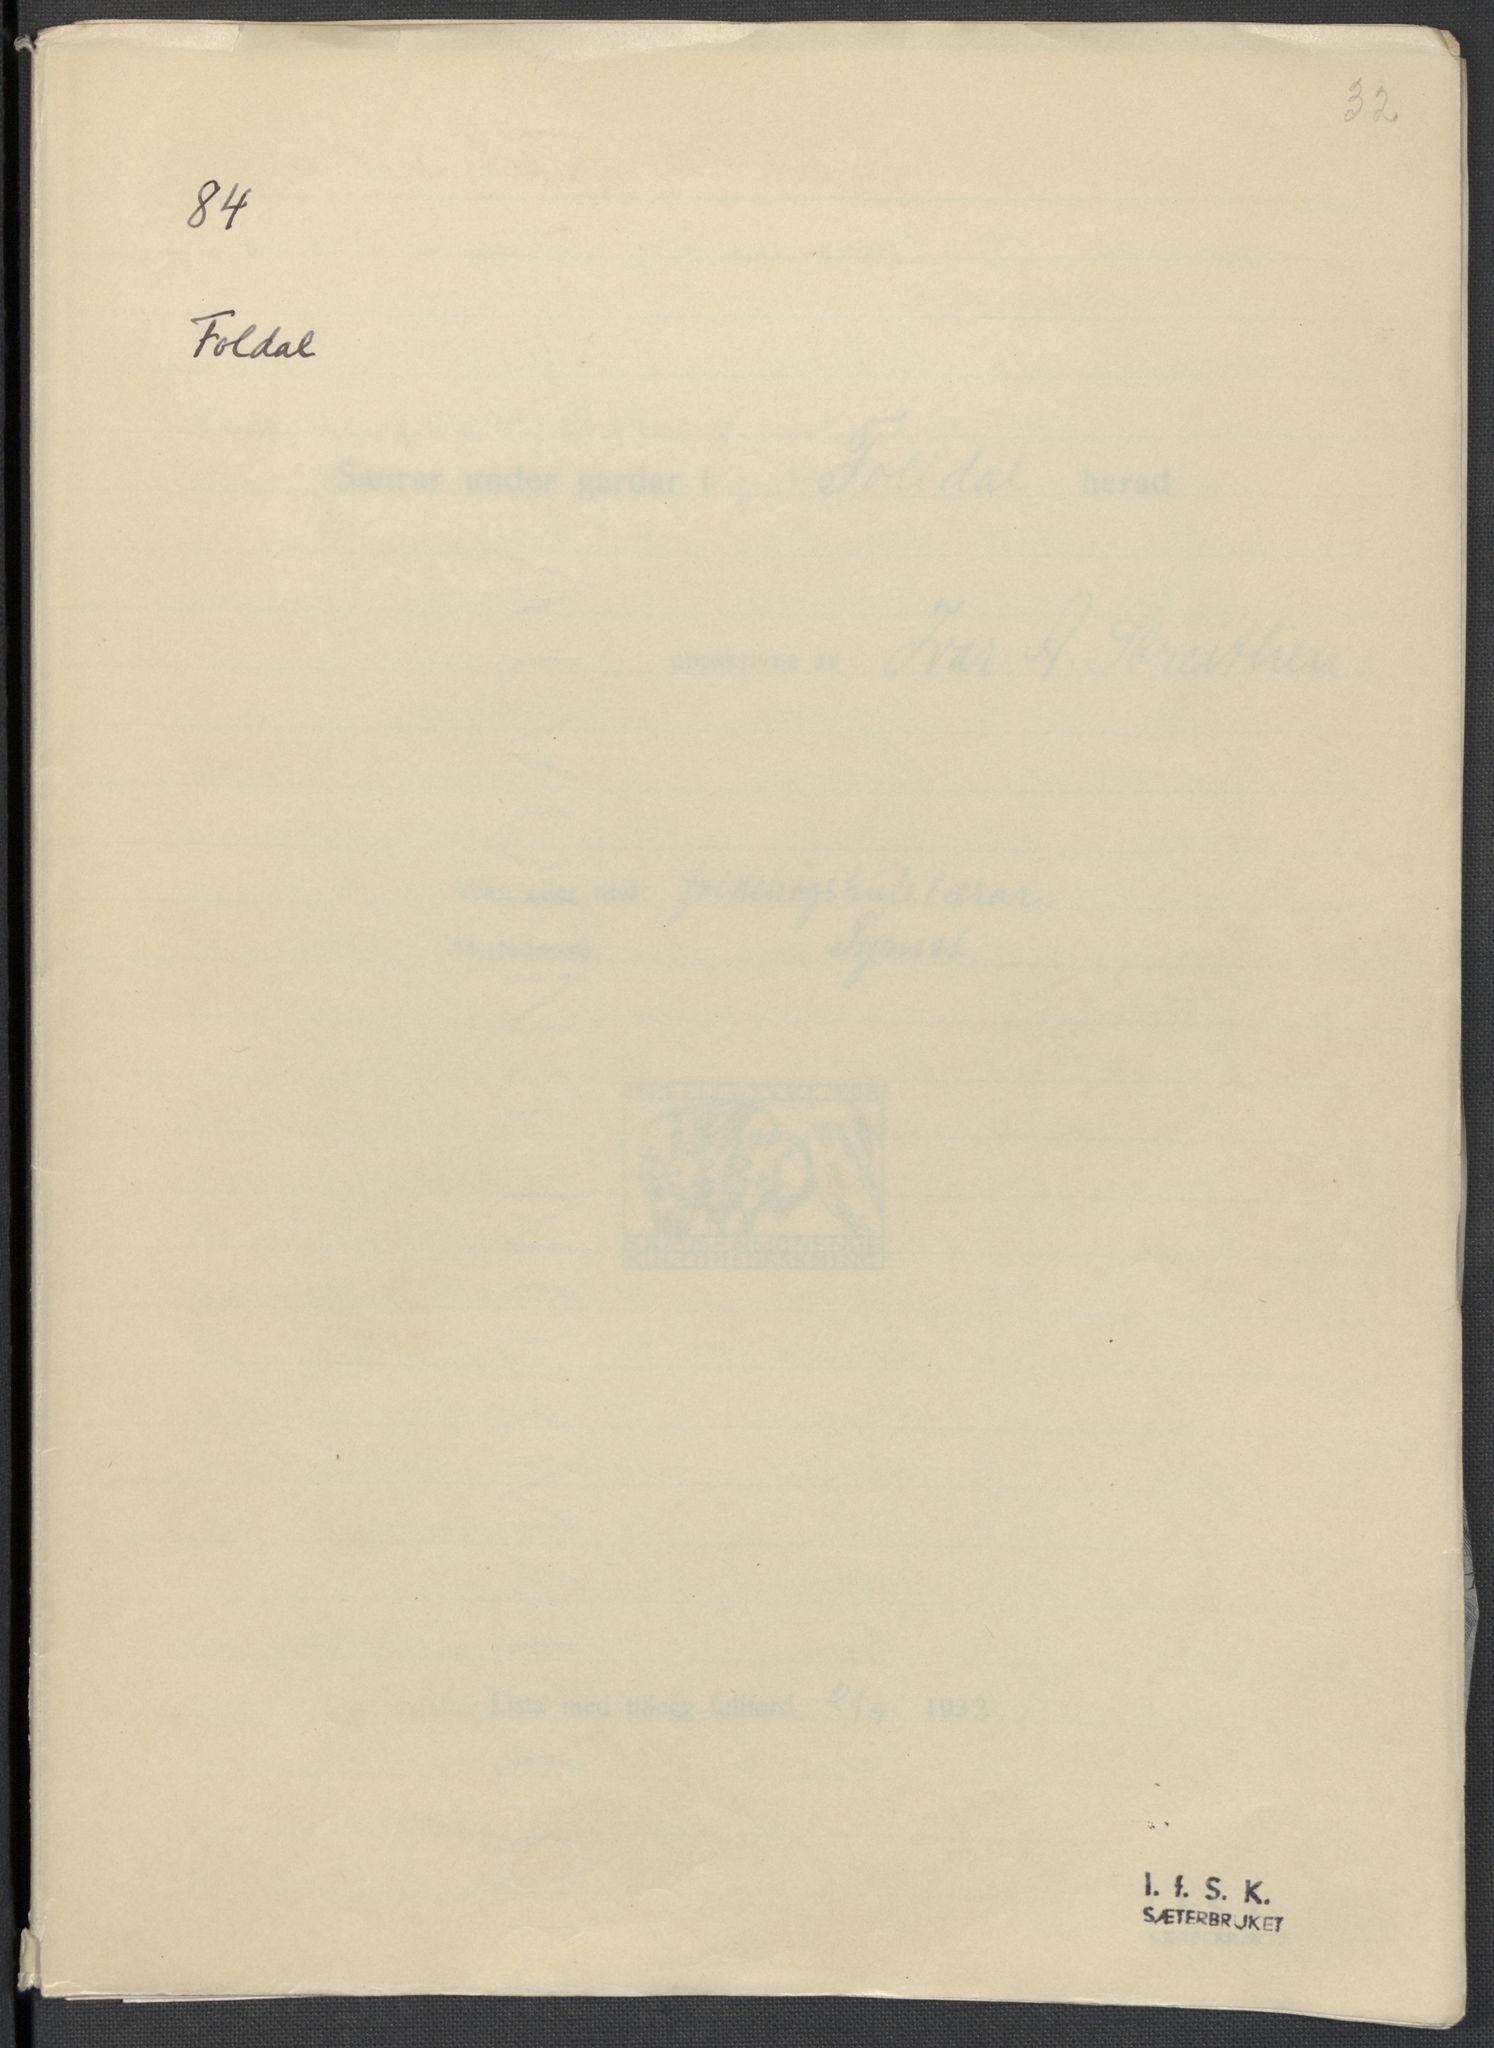 RA, Instituttet for sammenlignende kulturforskning, F/Fc/L0003: Eske B3:, 1933-1939, s. 32